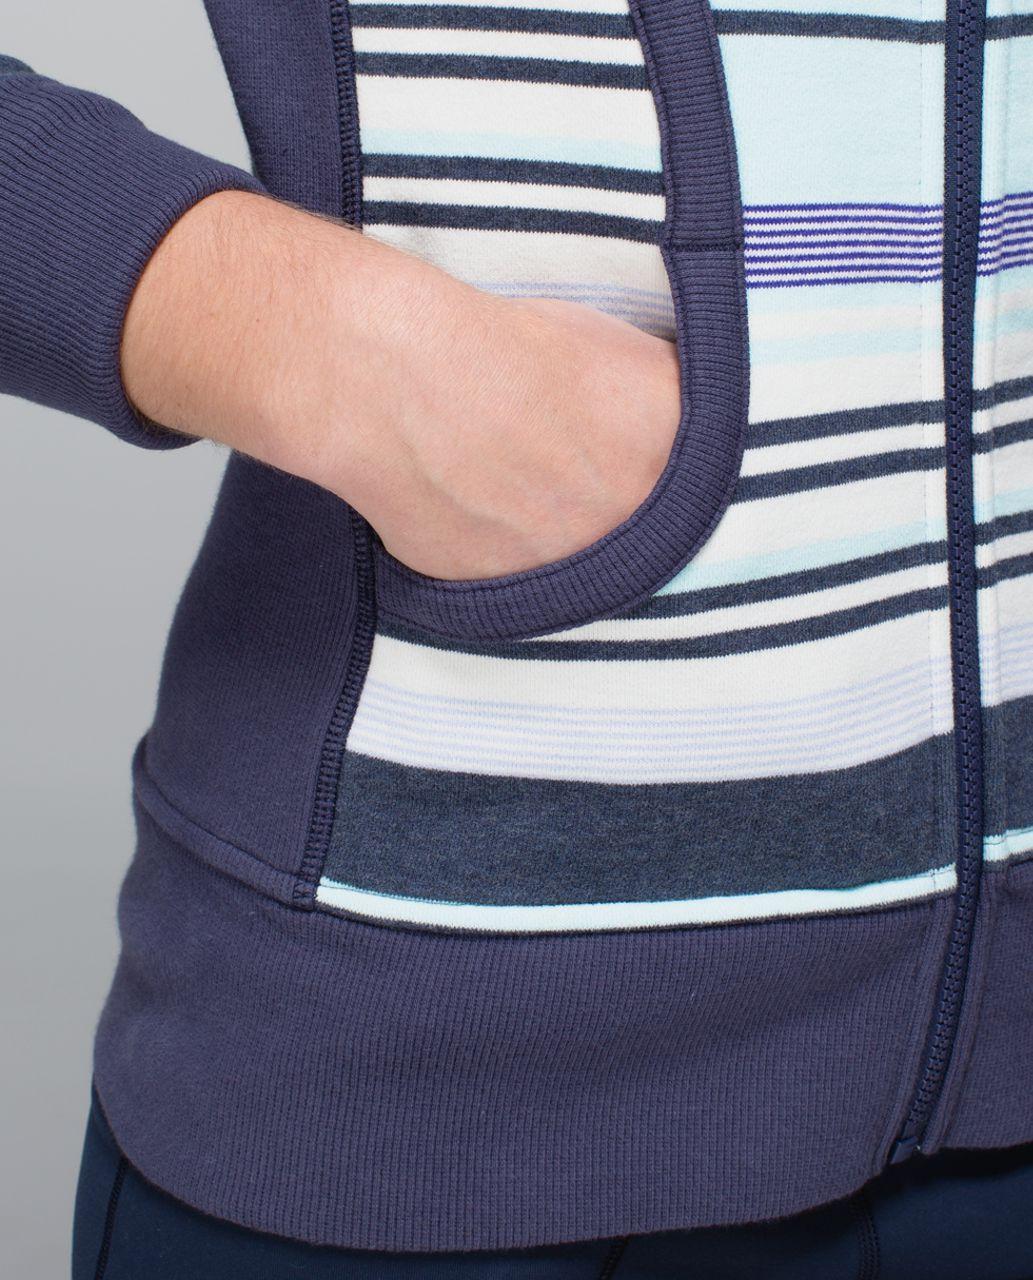 Lululemon Scuba Hoodie II - Groovy Stripe Heathered Cadet Blue / Aquamarine / Cadet Blue